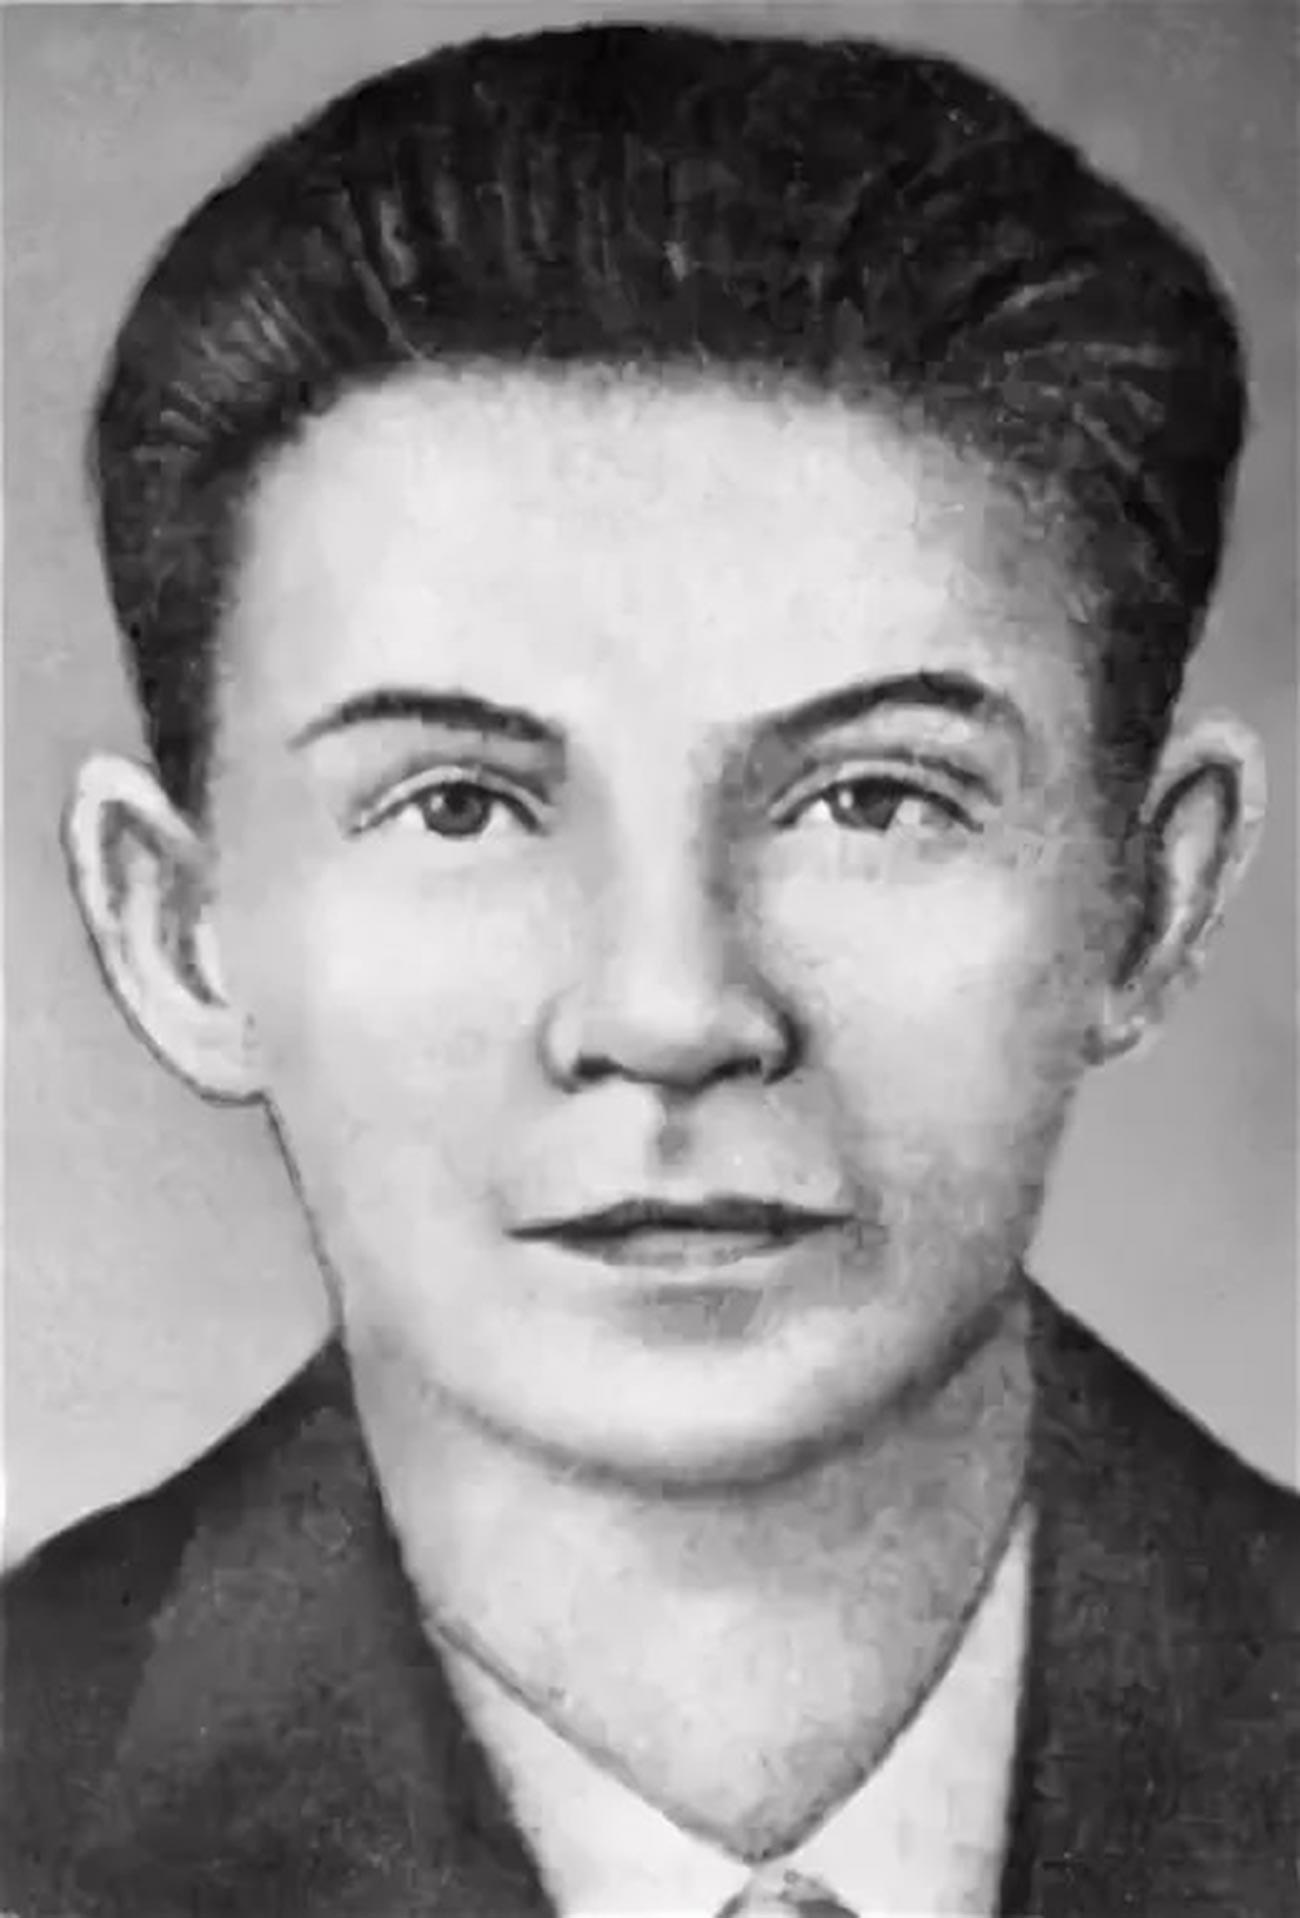 Heroj Sovjetskog Saveza V. I. Jermak. 19. srpnja 1943. svojim je tijelom zatvorio puškarnicu neprijateljskog bunkera.